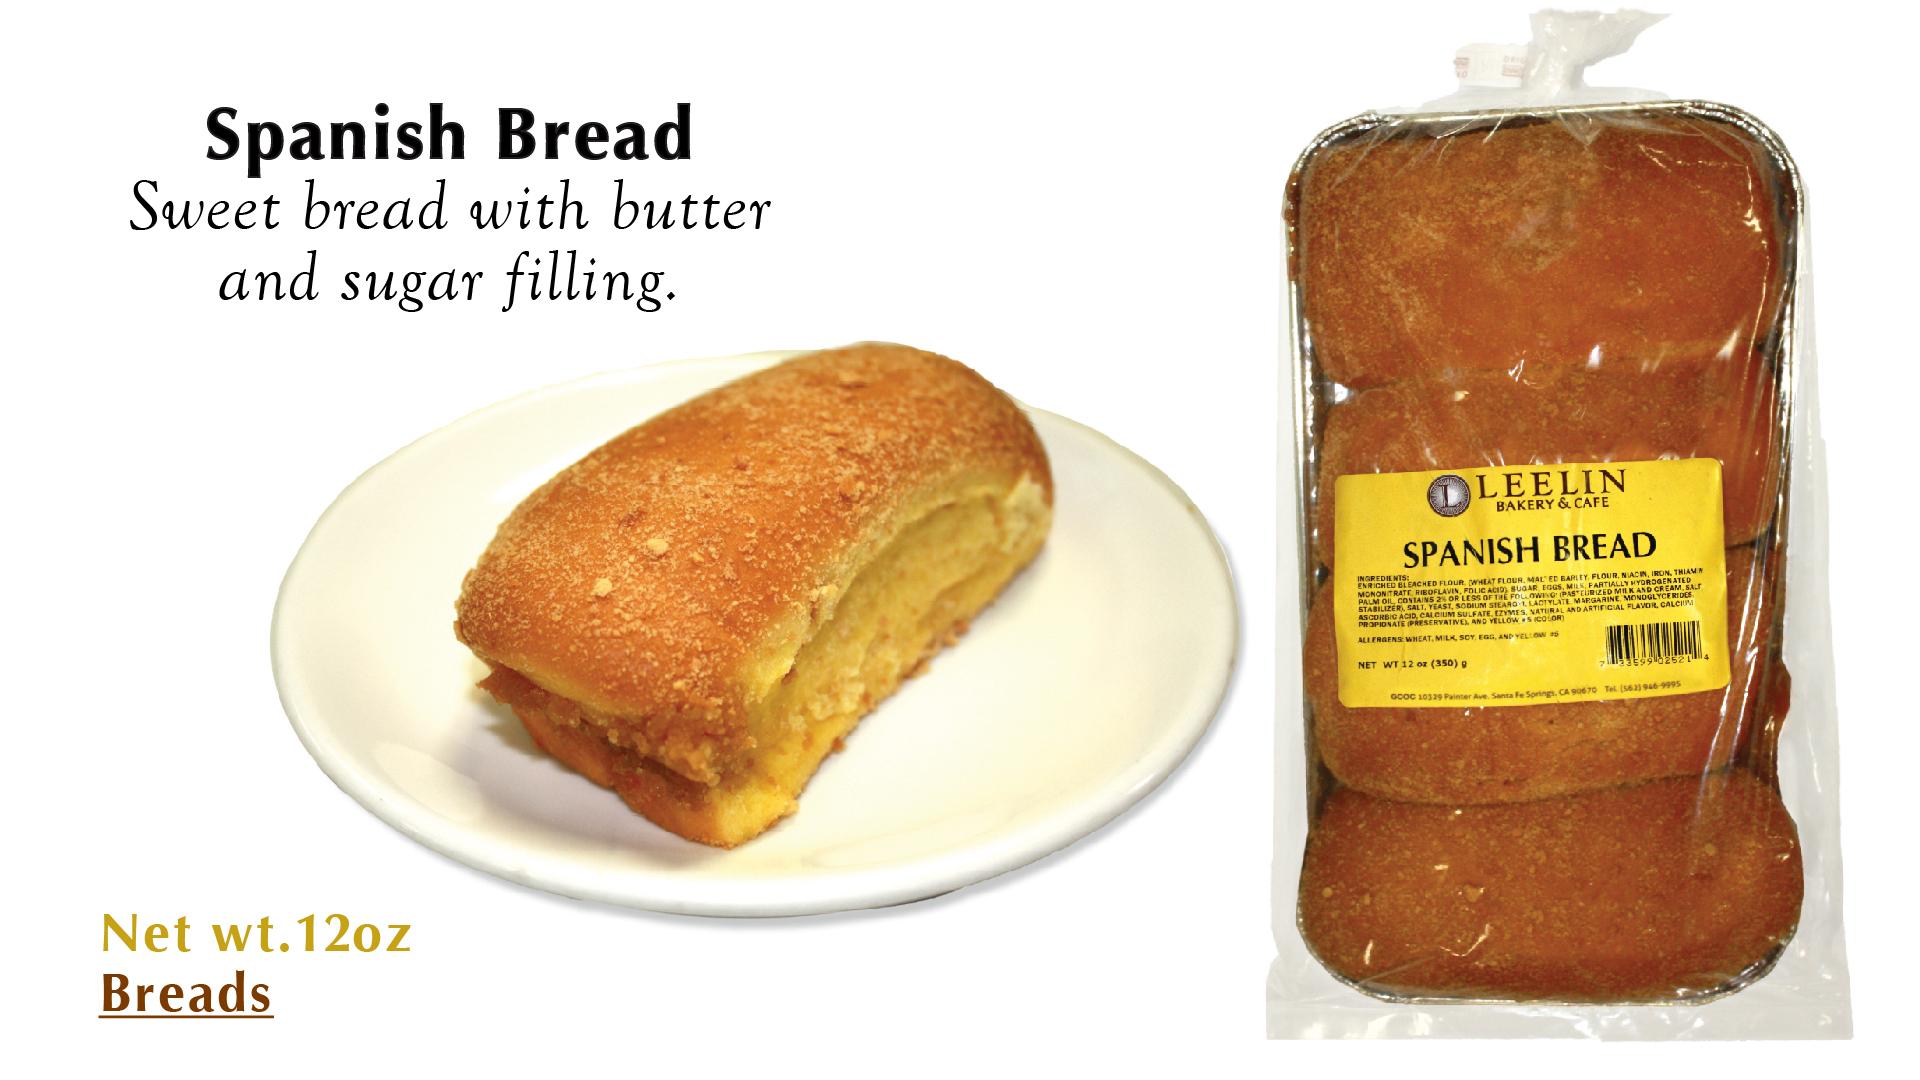 012 Spanish Bread 1920x1080.jpg